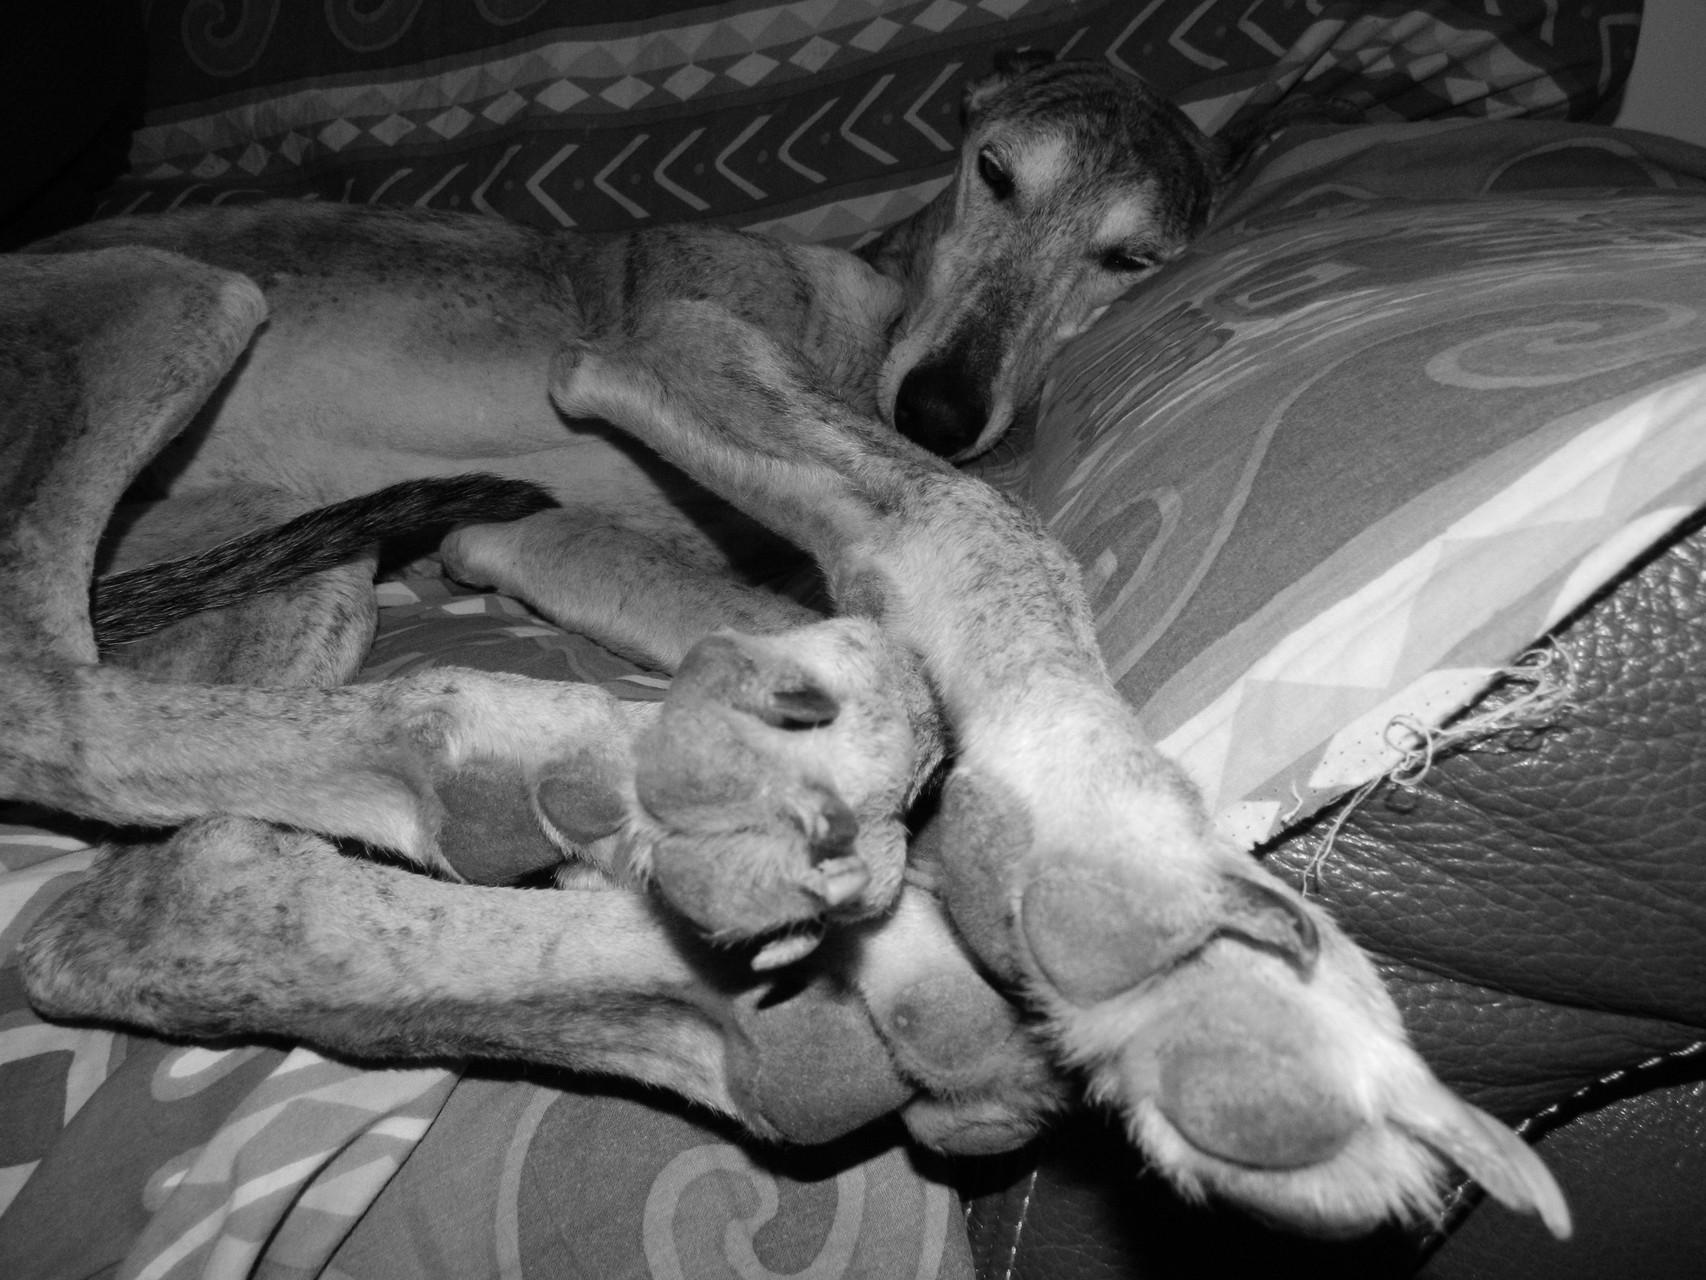 La dure vie du galgo sur le canapé !